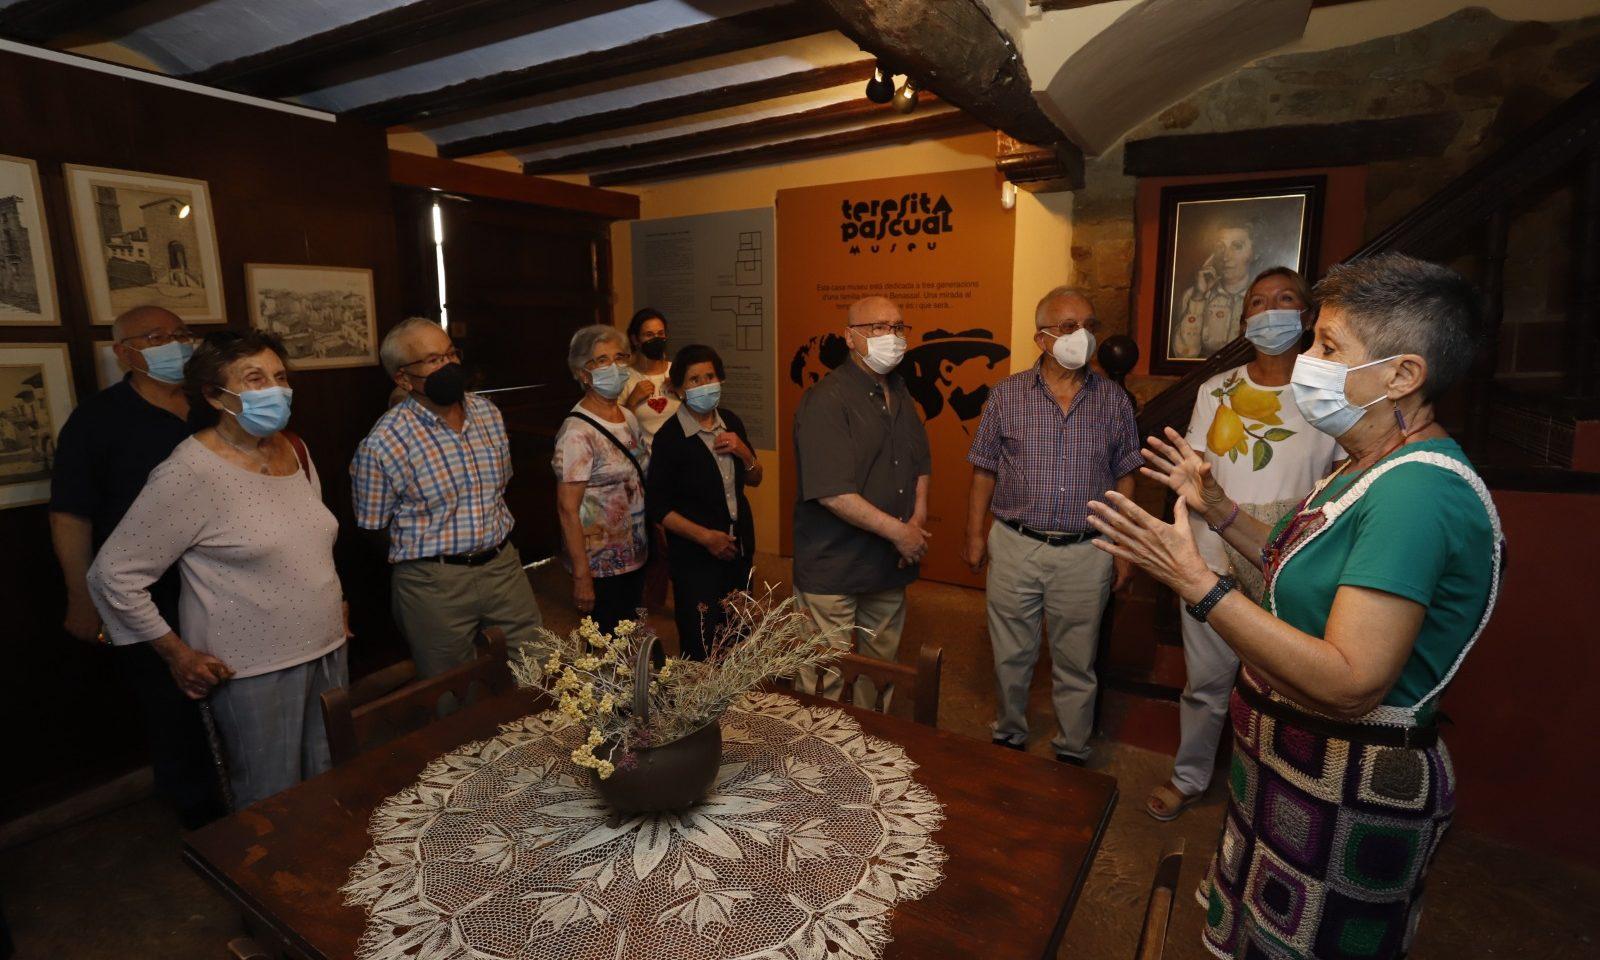 La història de Benassal i la famíliaPascualMiralles a la Casa MuseuTeresitaPascual